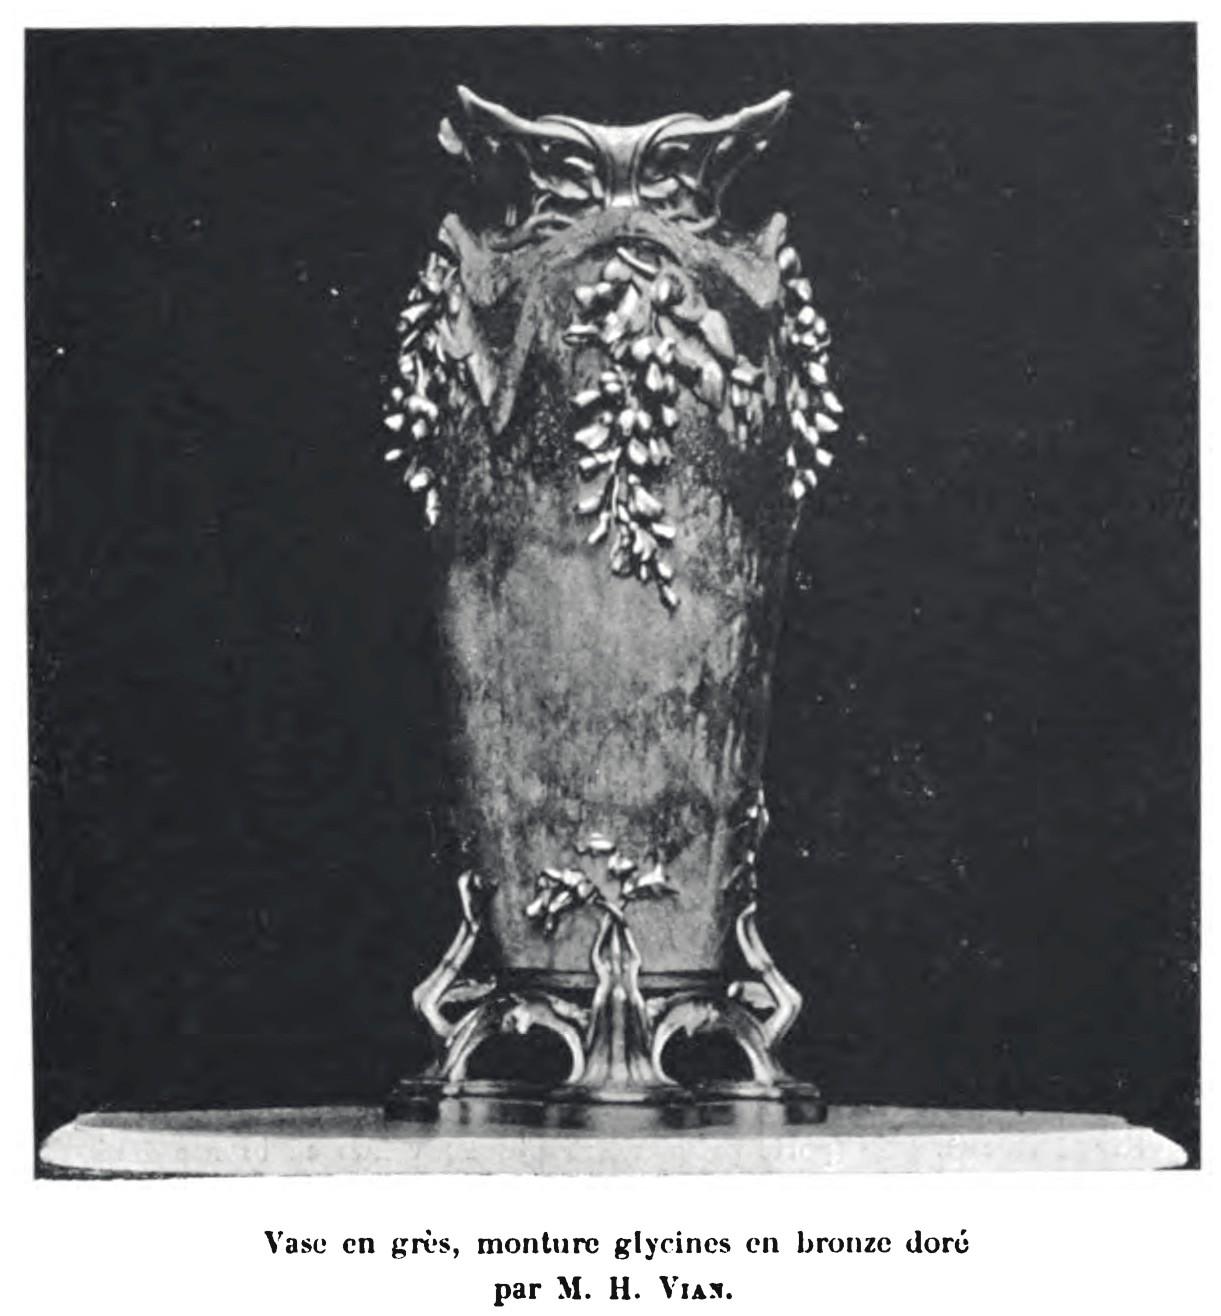 AN EXHIBITION FRENCH ORMOLU-MO